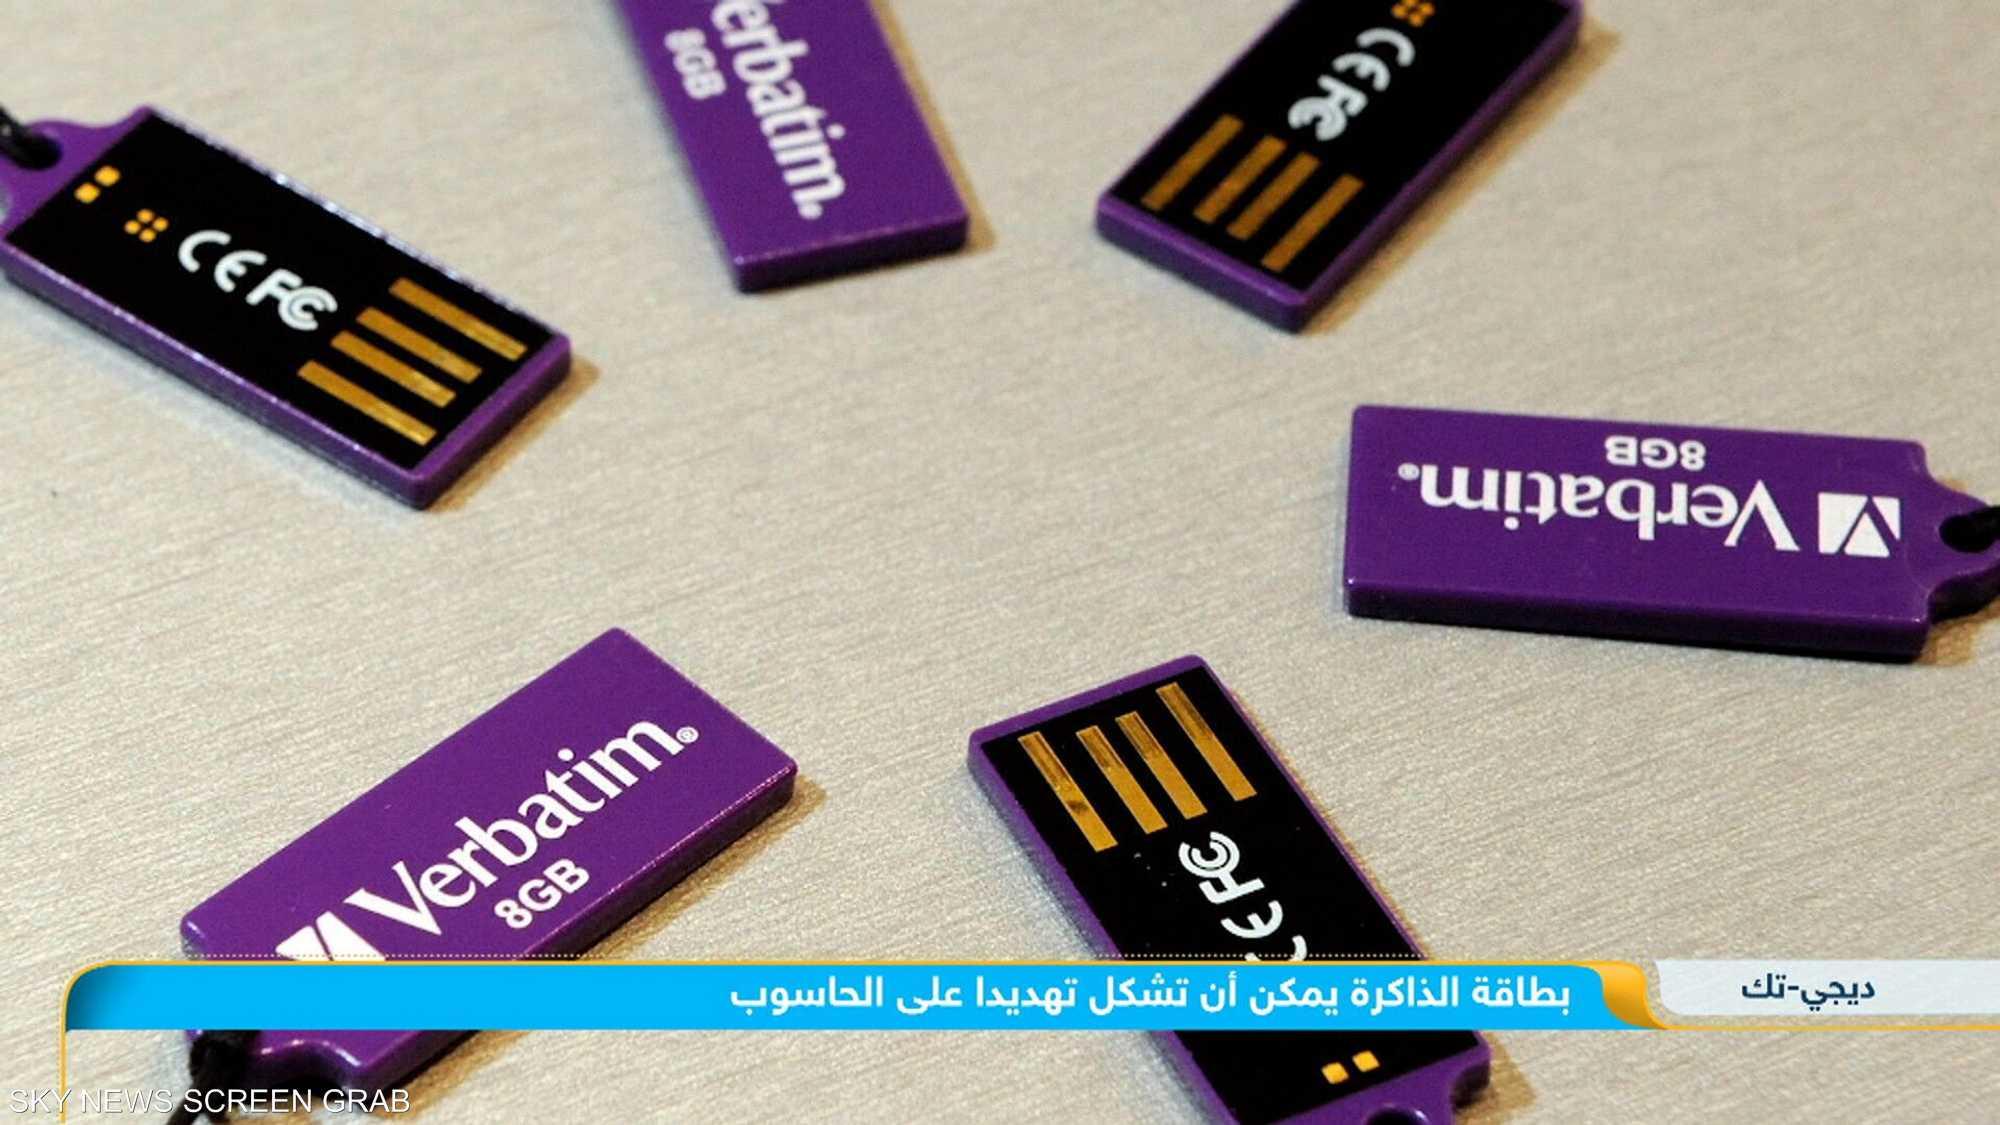 مخاطر بطاقة الذاكرة وسبل الحماية من الهاكرز